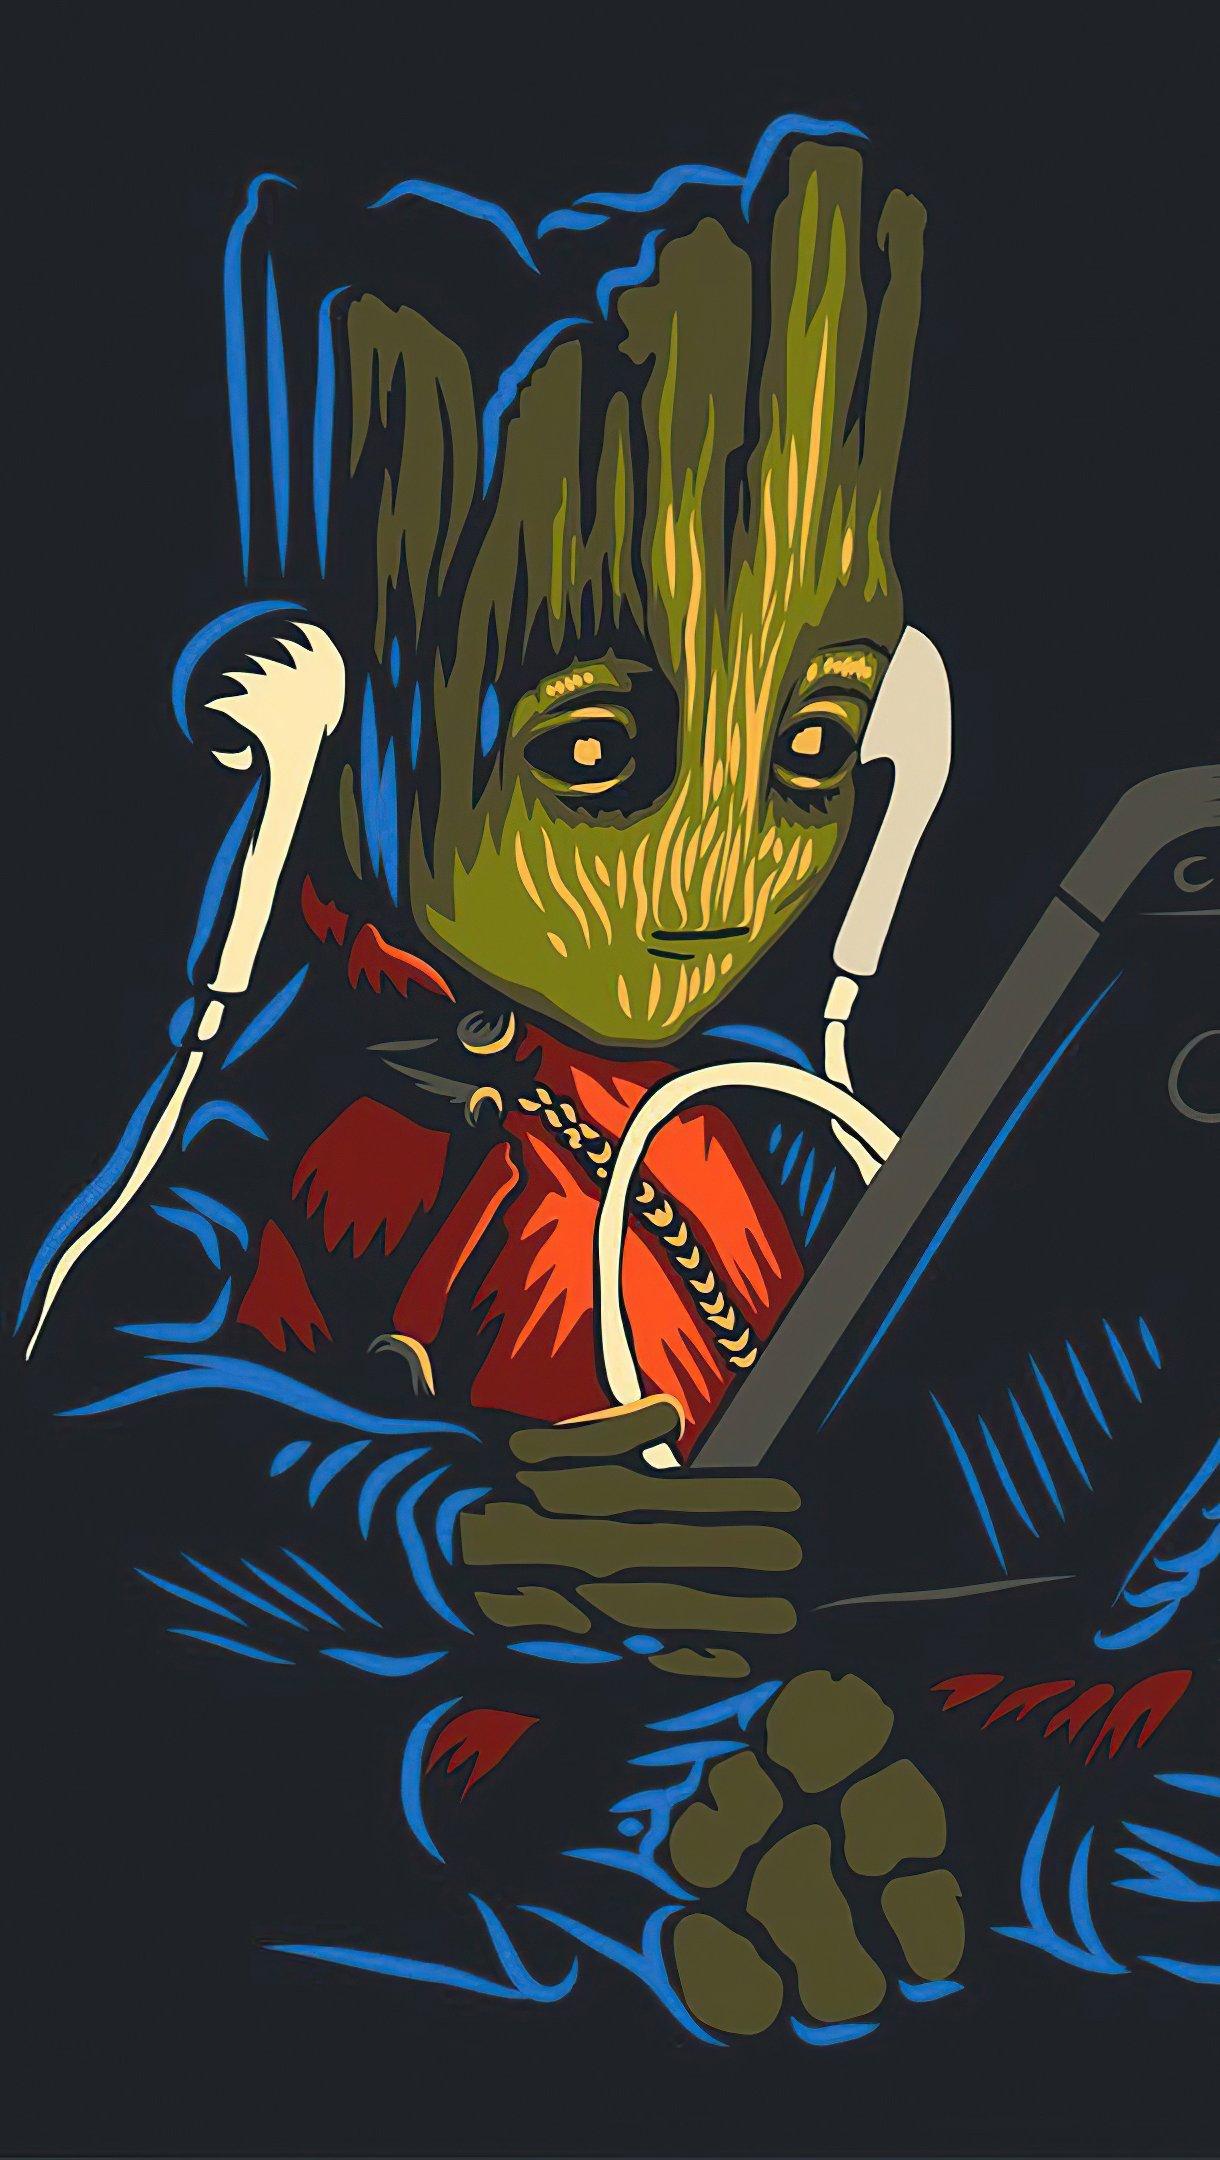 Fondos de pantalla Groot bebé escuchando música Vertical